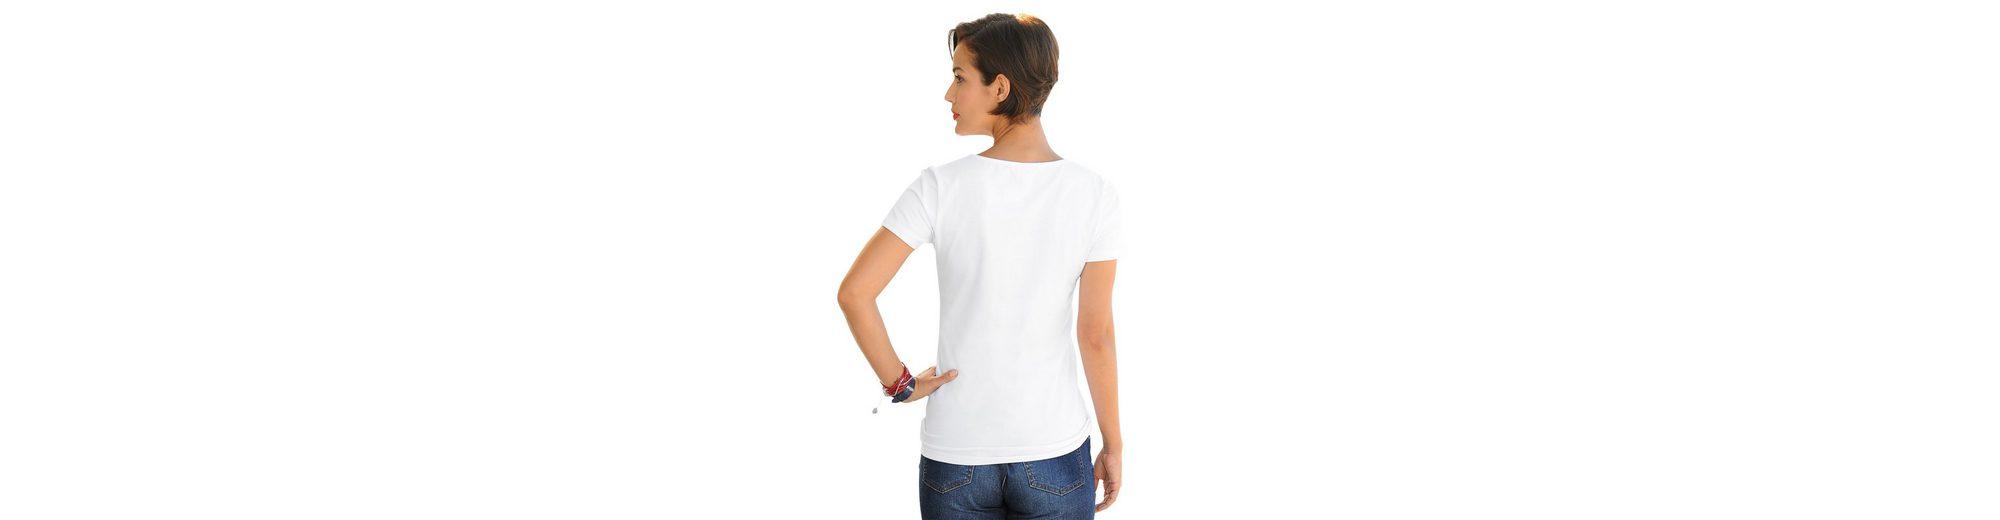 Auslass Amazon Billige Auslass Alba Moda Shirt mit Ankermotiv Rabatte Günstig Online Geniue Händler Günstig Online Billiges Outlet-Store qYxMlPGVm